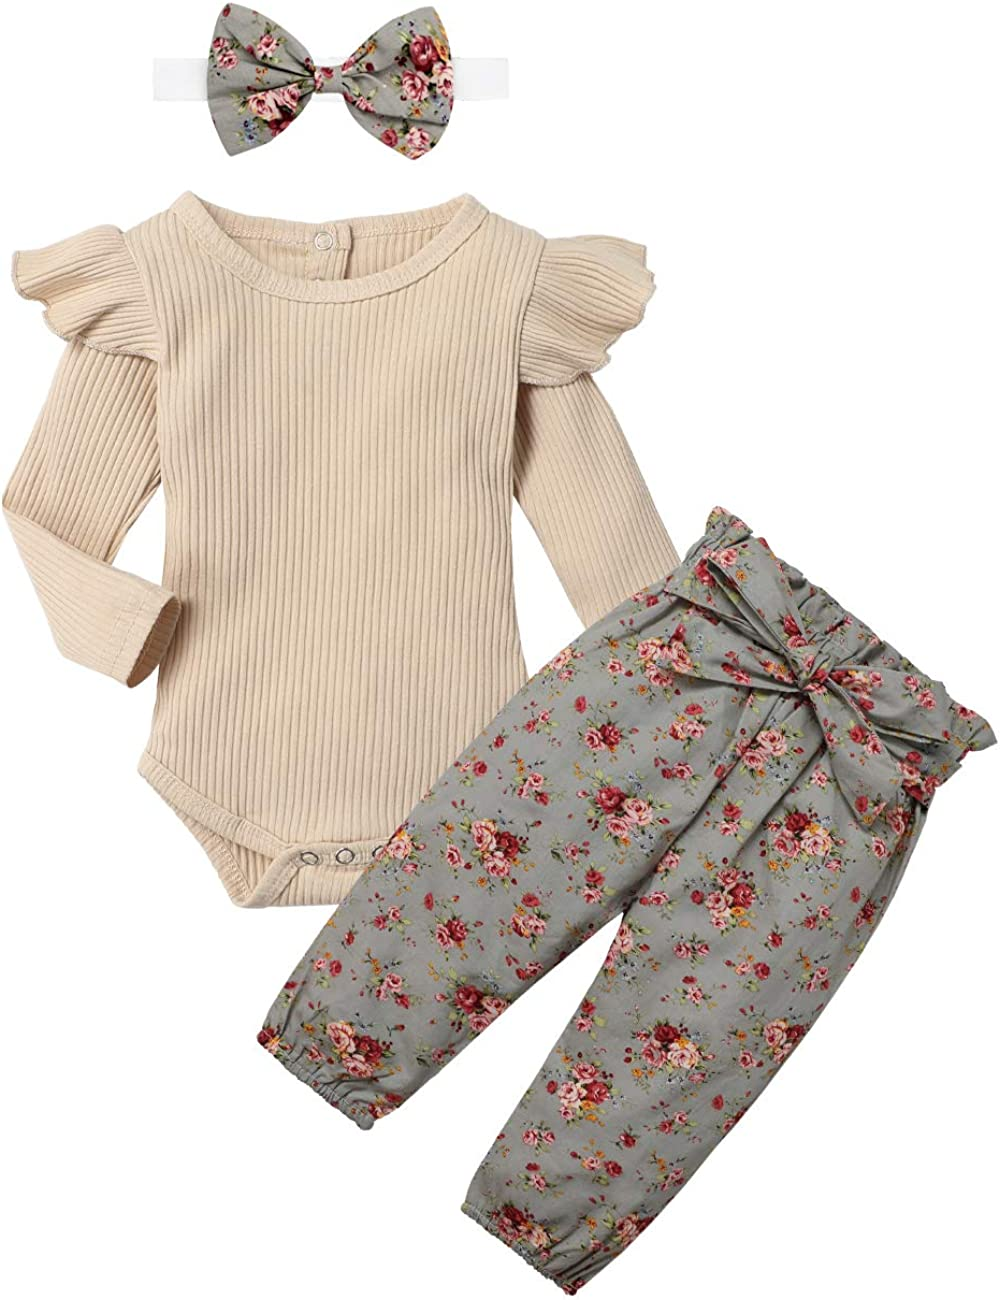 KANGKANG Newborn Baby Girls Clothes Cute Infant Baby Girl Clothes Baby  Clothes Girl 8pcs Winter Outfit